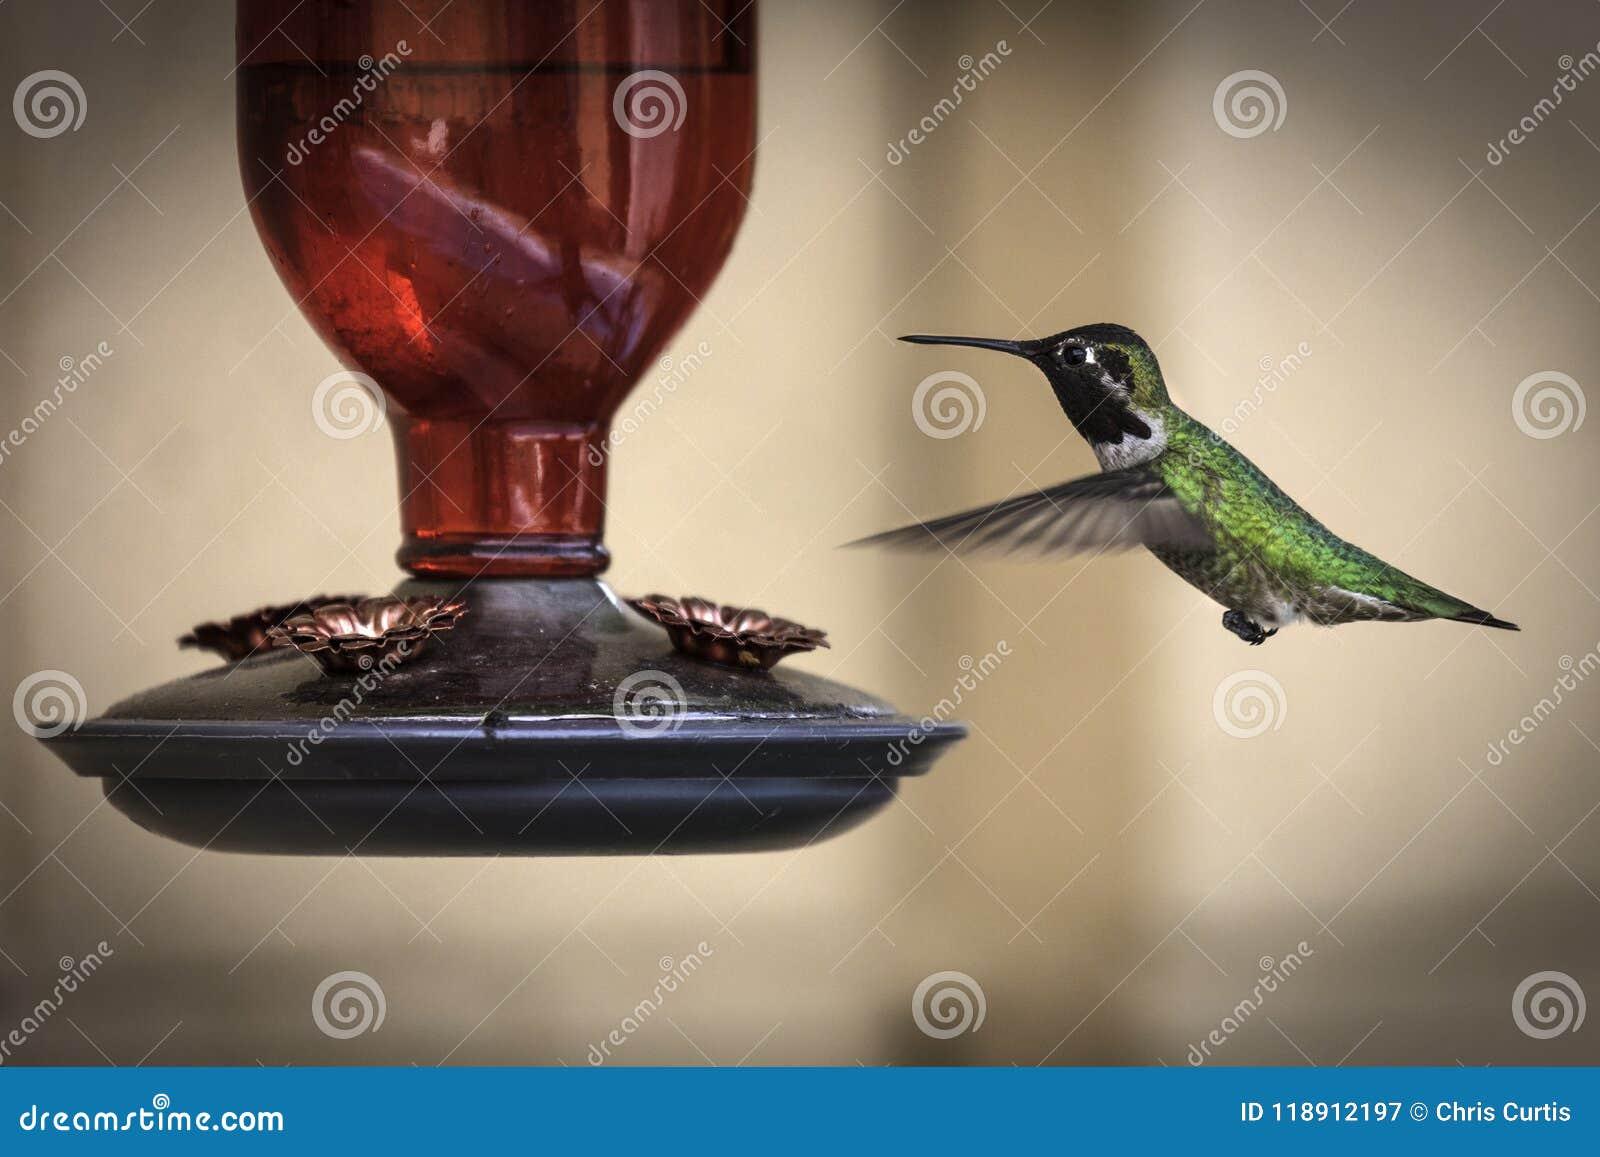 Vasto colibrì munito maschio fotografato ad un alimentatore